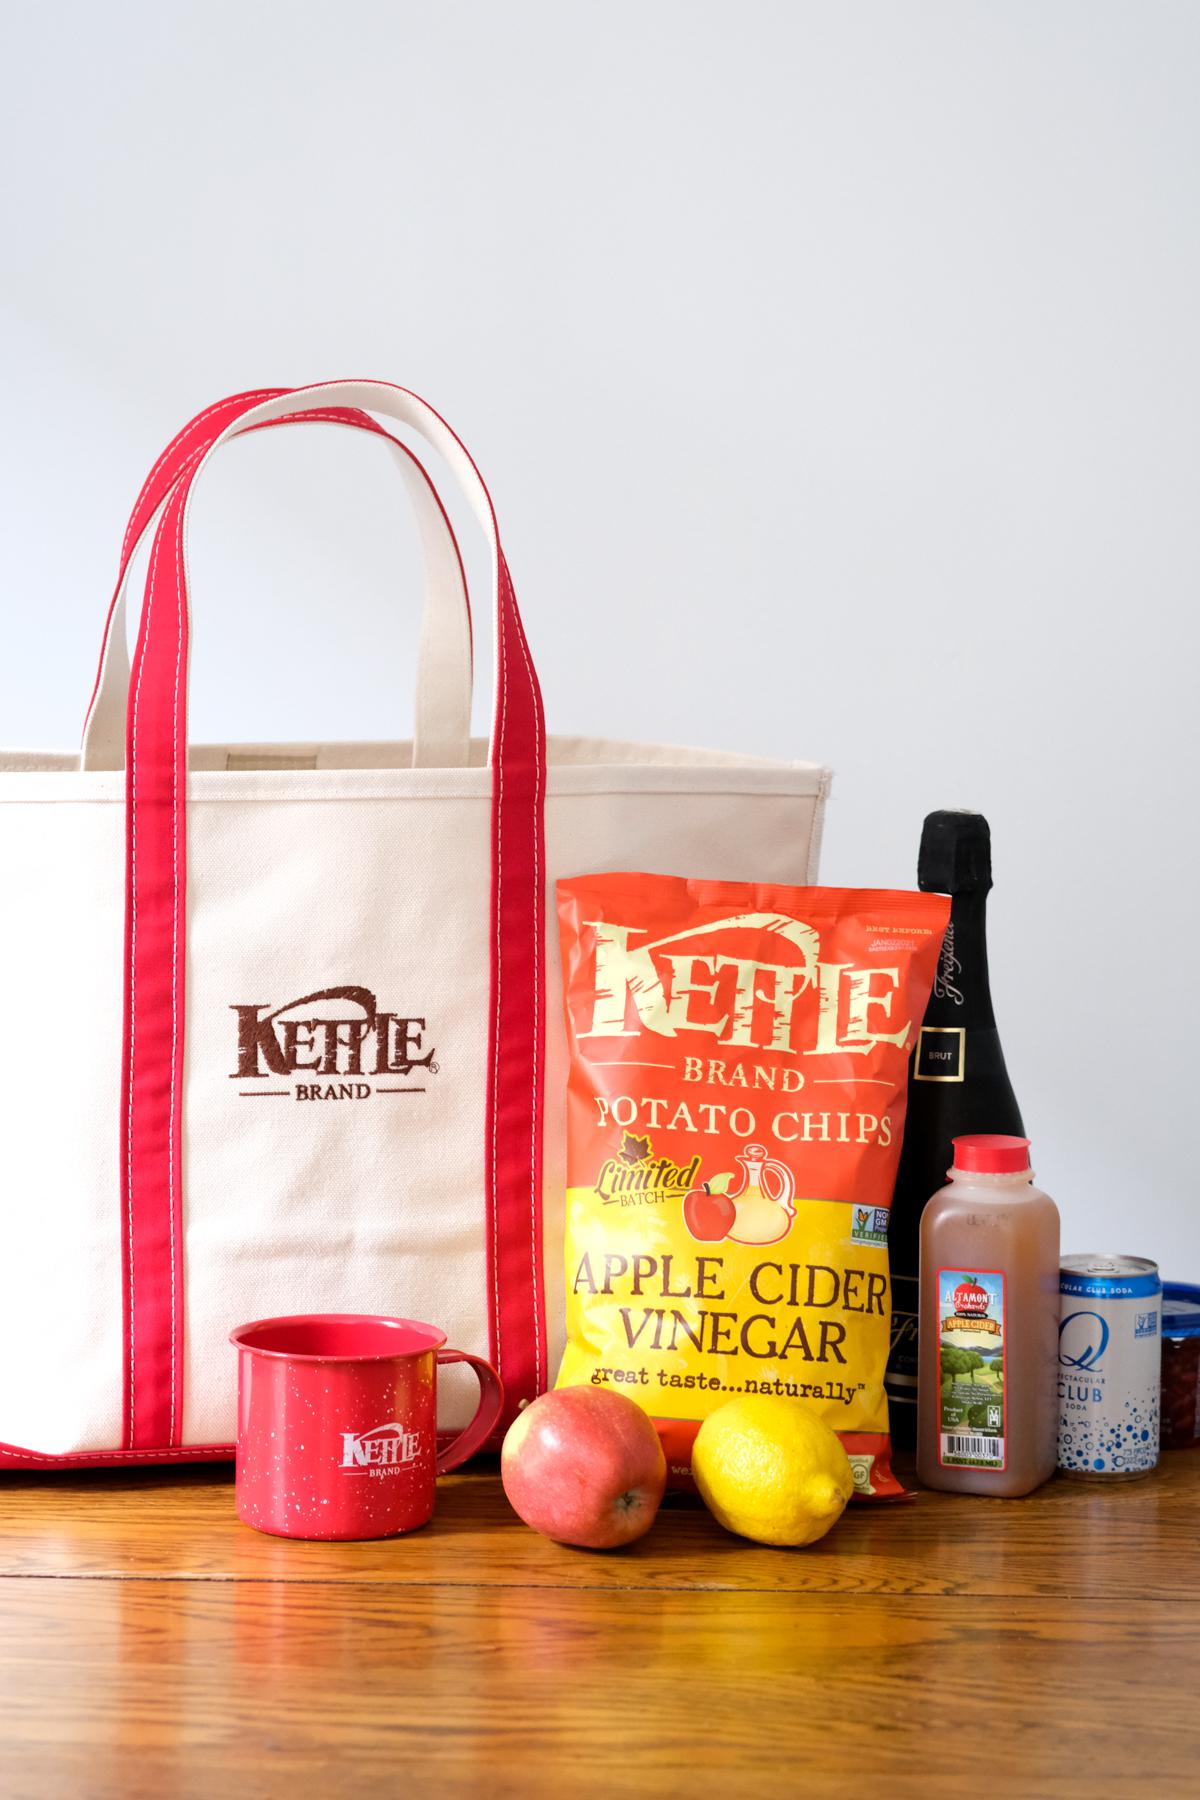 kettle brand apple cider vinegar chips with bag